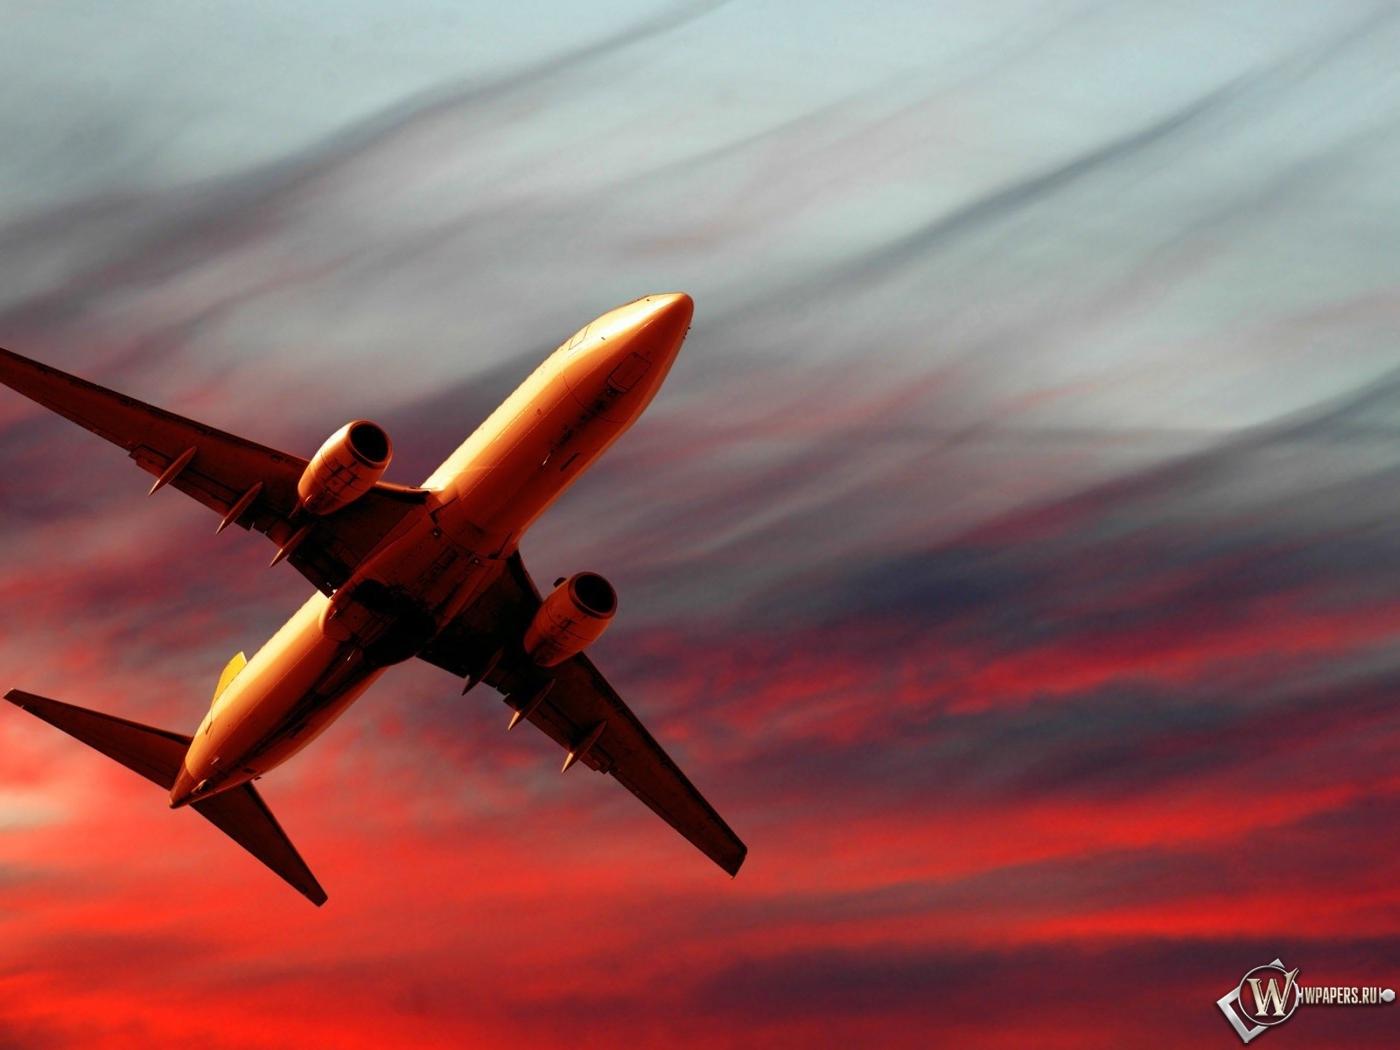 Полет самолета на закате 1400x1050